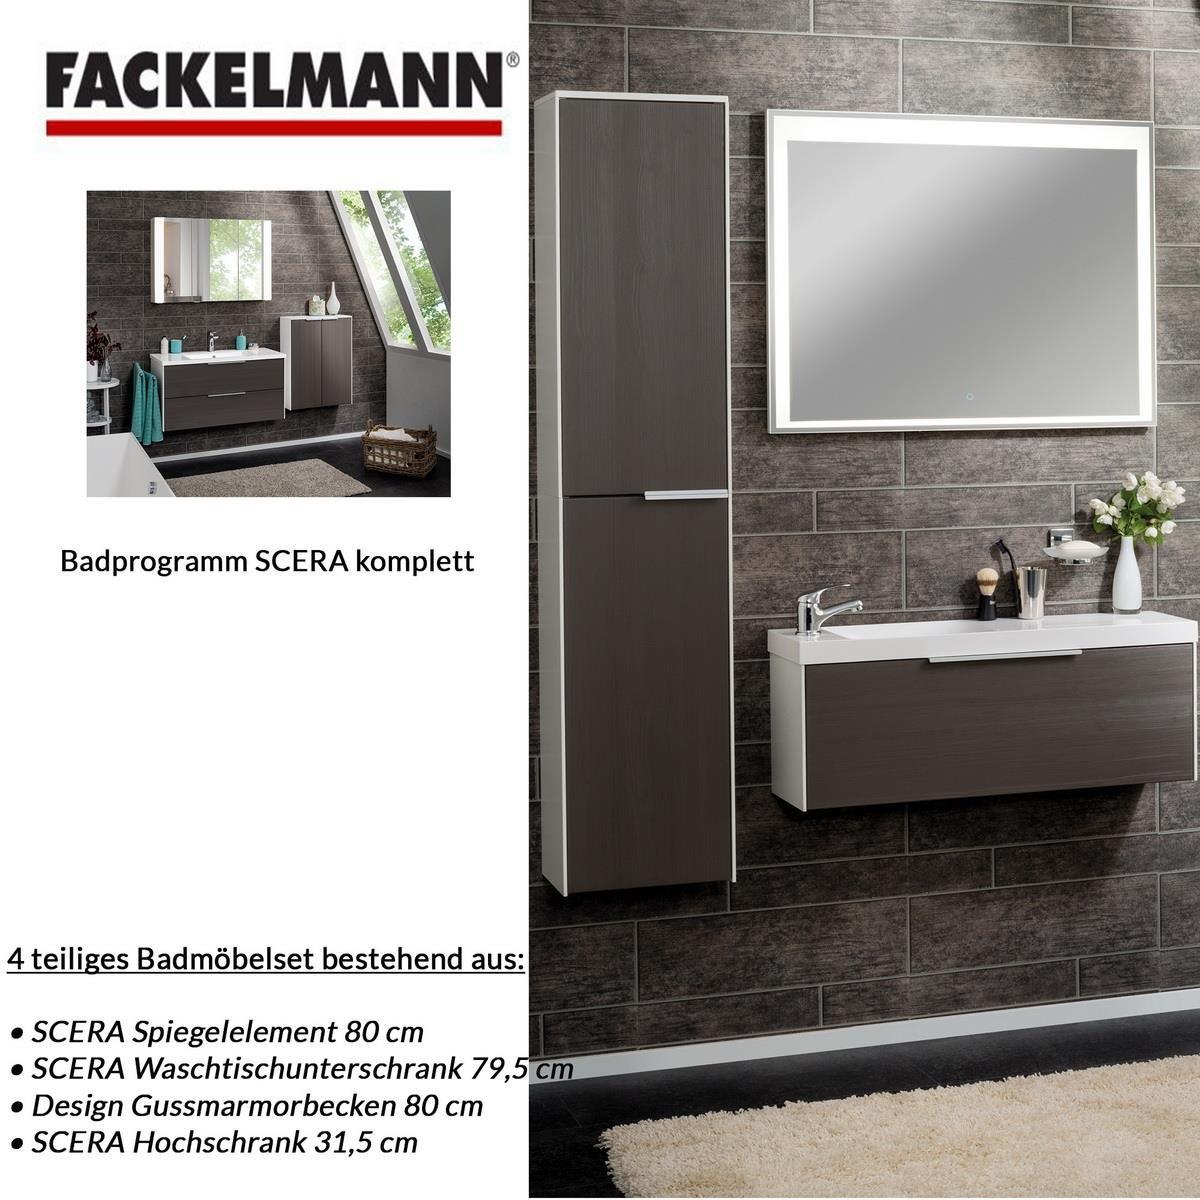 Fackelmann Badmöbel Set Scera 4-tlg. 110 cm weiß grau mit ...